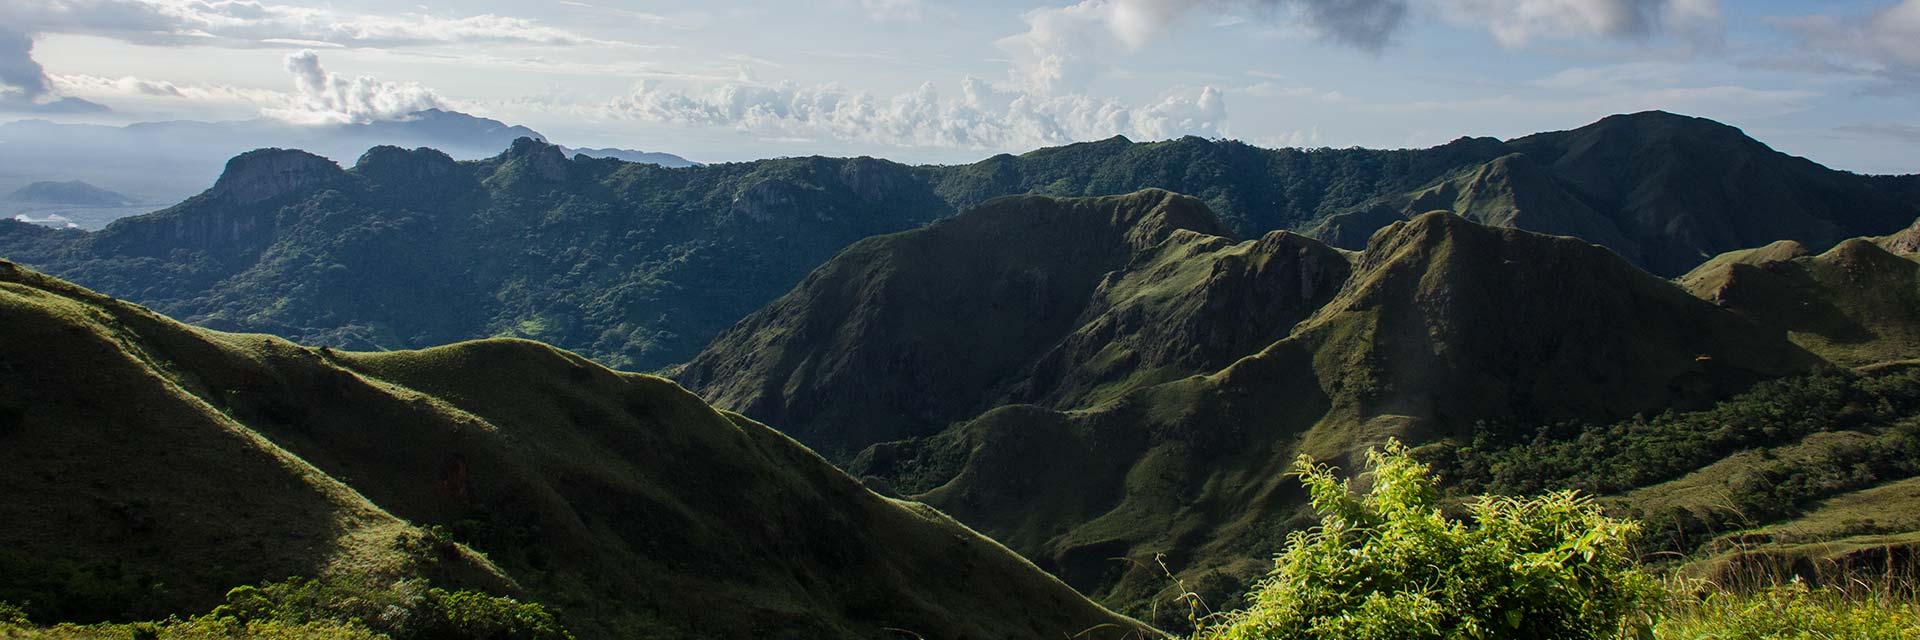 Turismo - Panamá